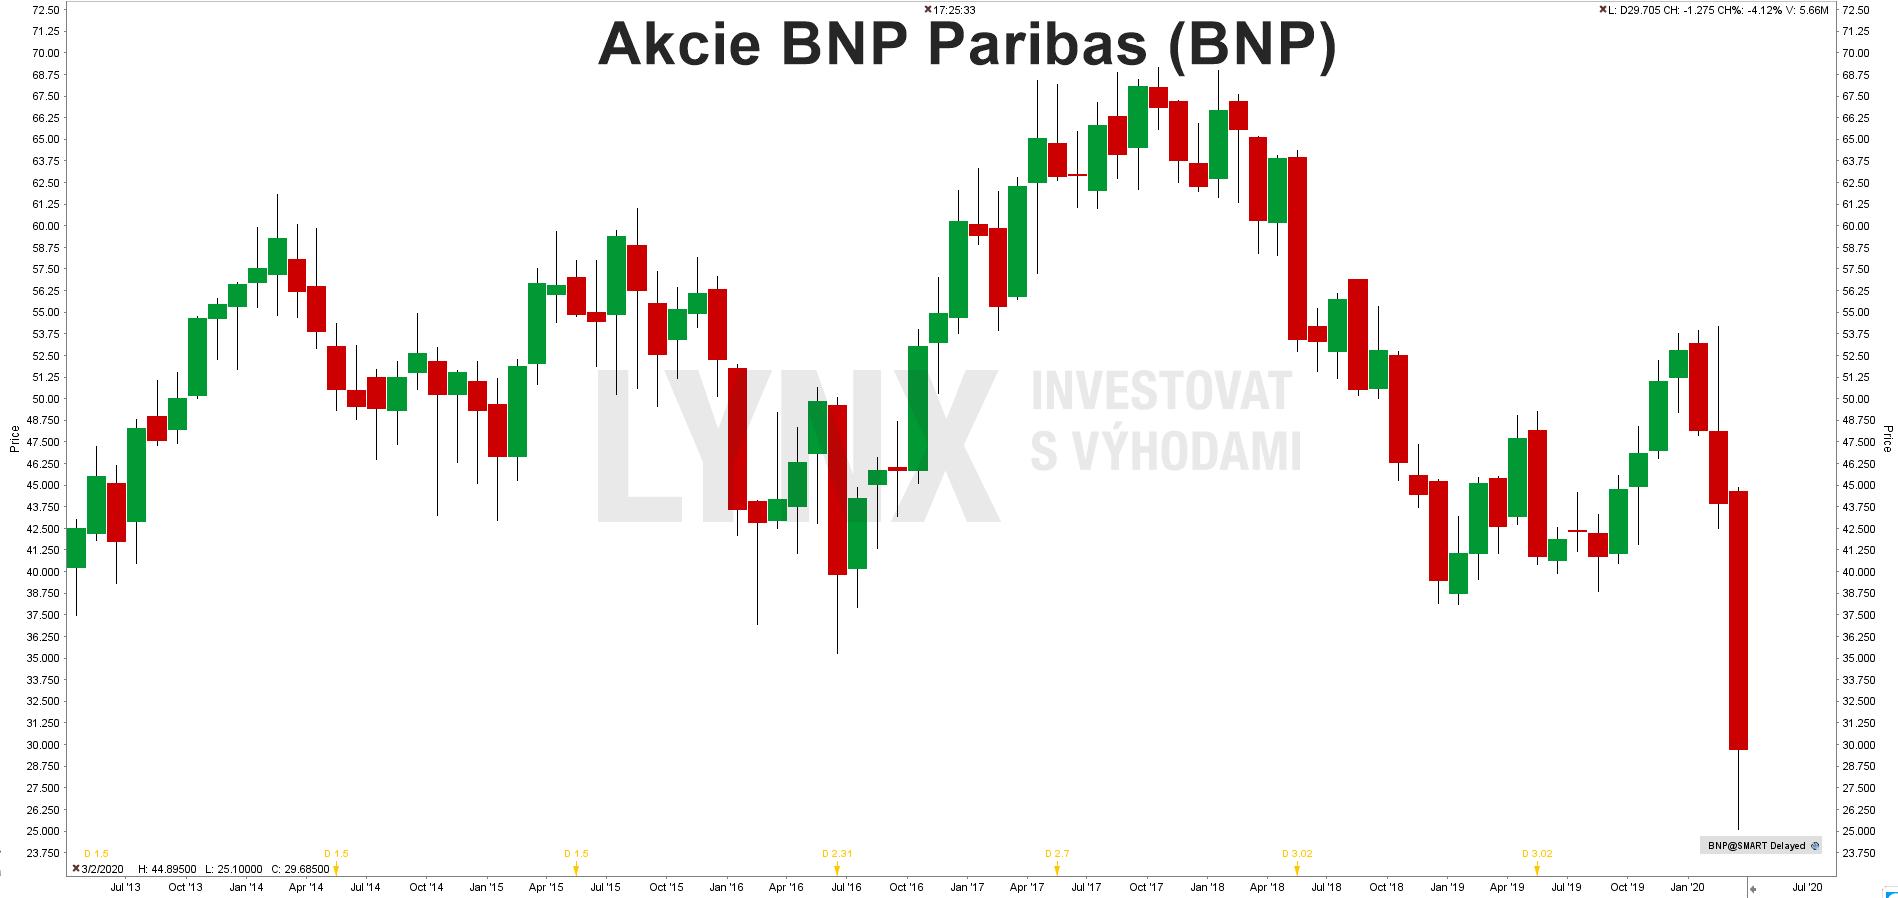 Akcie BNP Paribas (BNP)